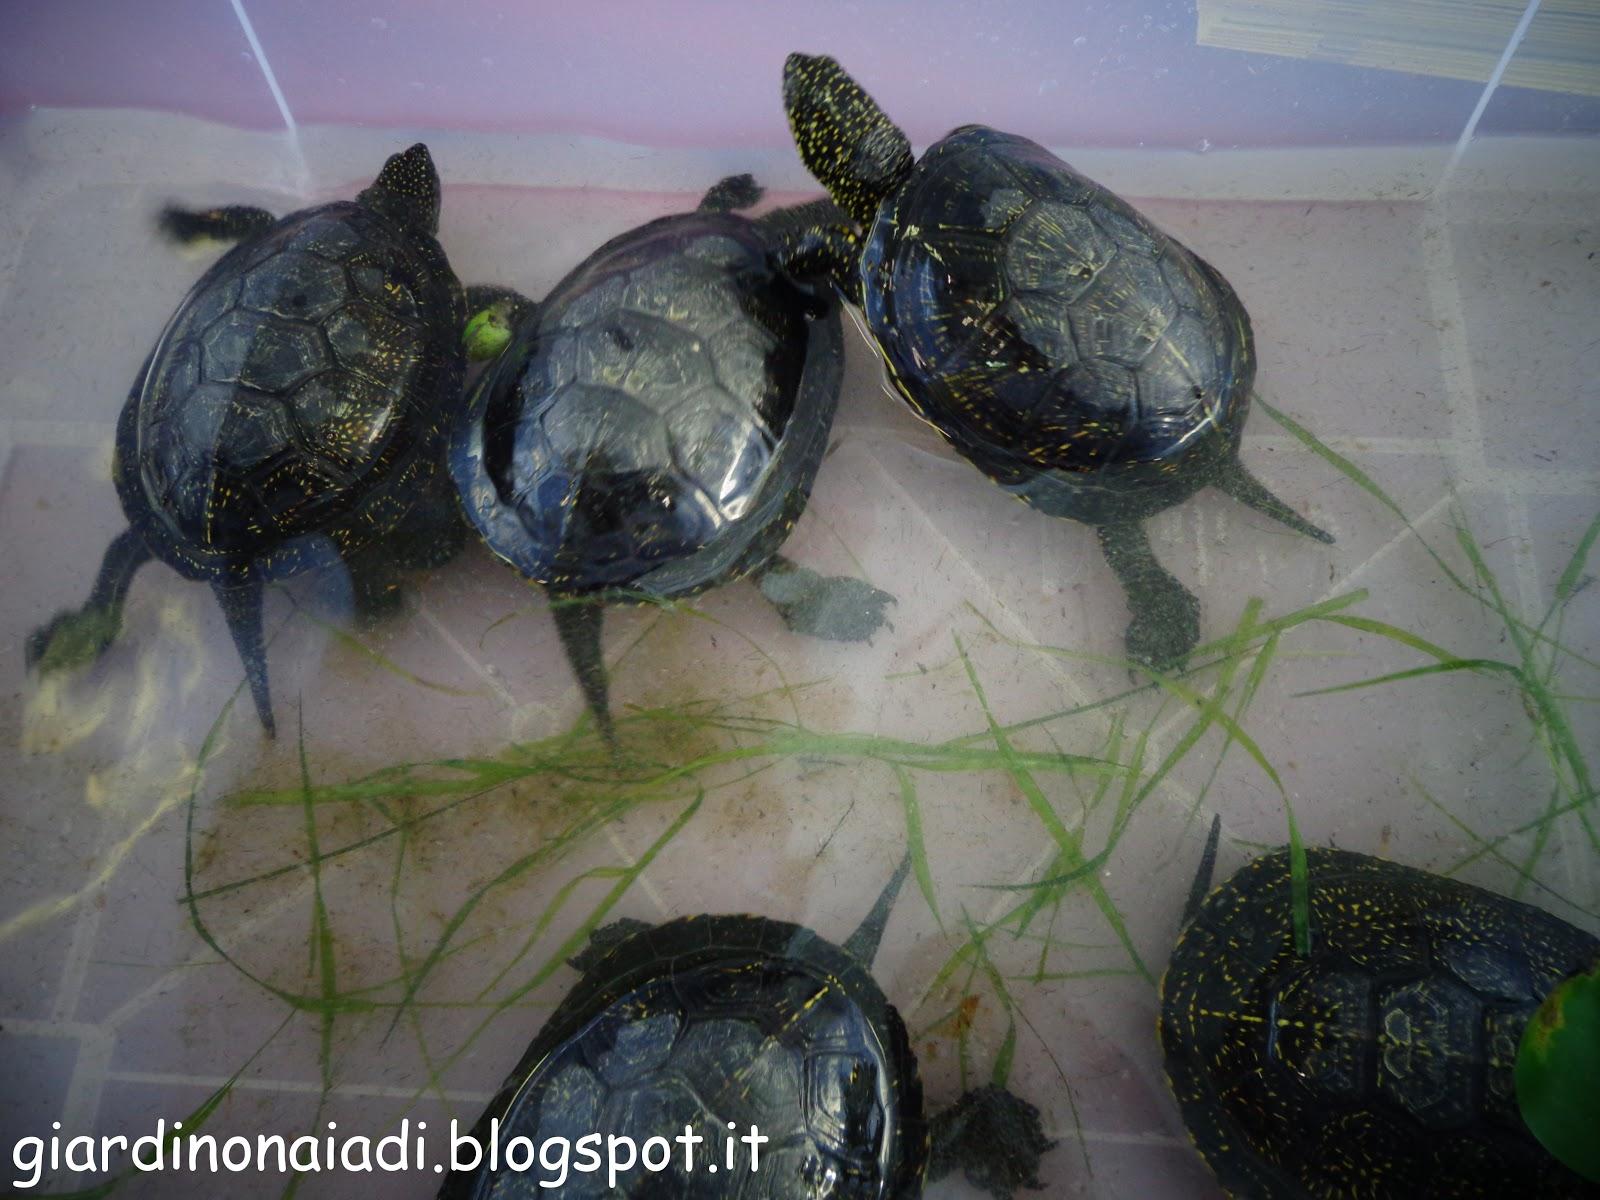 Il giardino delle naiadi laghetti in letargo for Laghetto tartarughe inverno